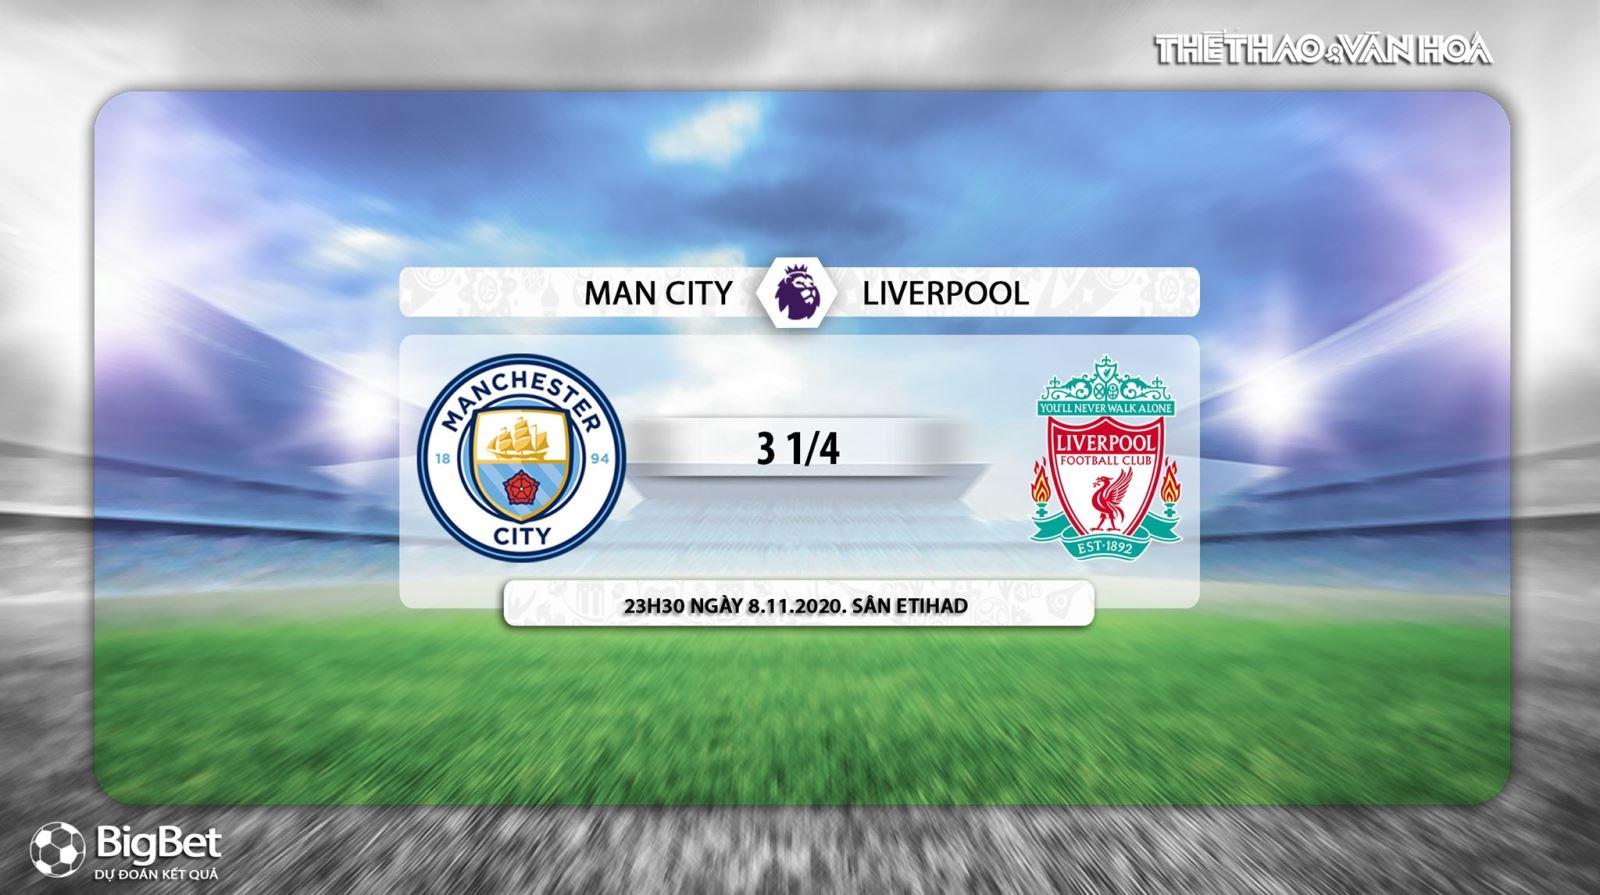 Keo nha cai, kèo nhà cái, Man City vs Liverpool, K+, K+PM, Truc tiep bong da, Ngoại hạng Anh, Xem K+, trực tiếp bóng đá Anh, Soi kèo bóng đá, kèo Liverpool, xem bóng đá